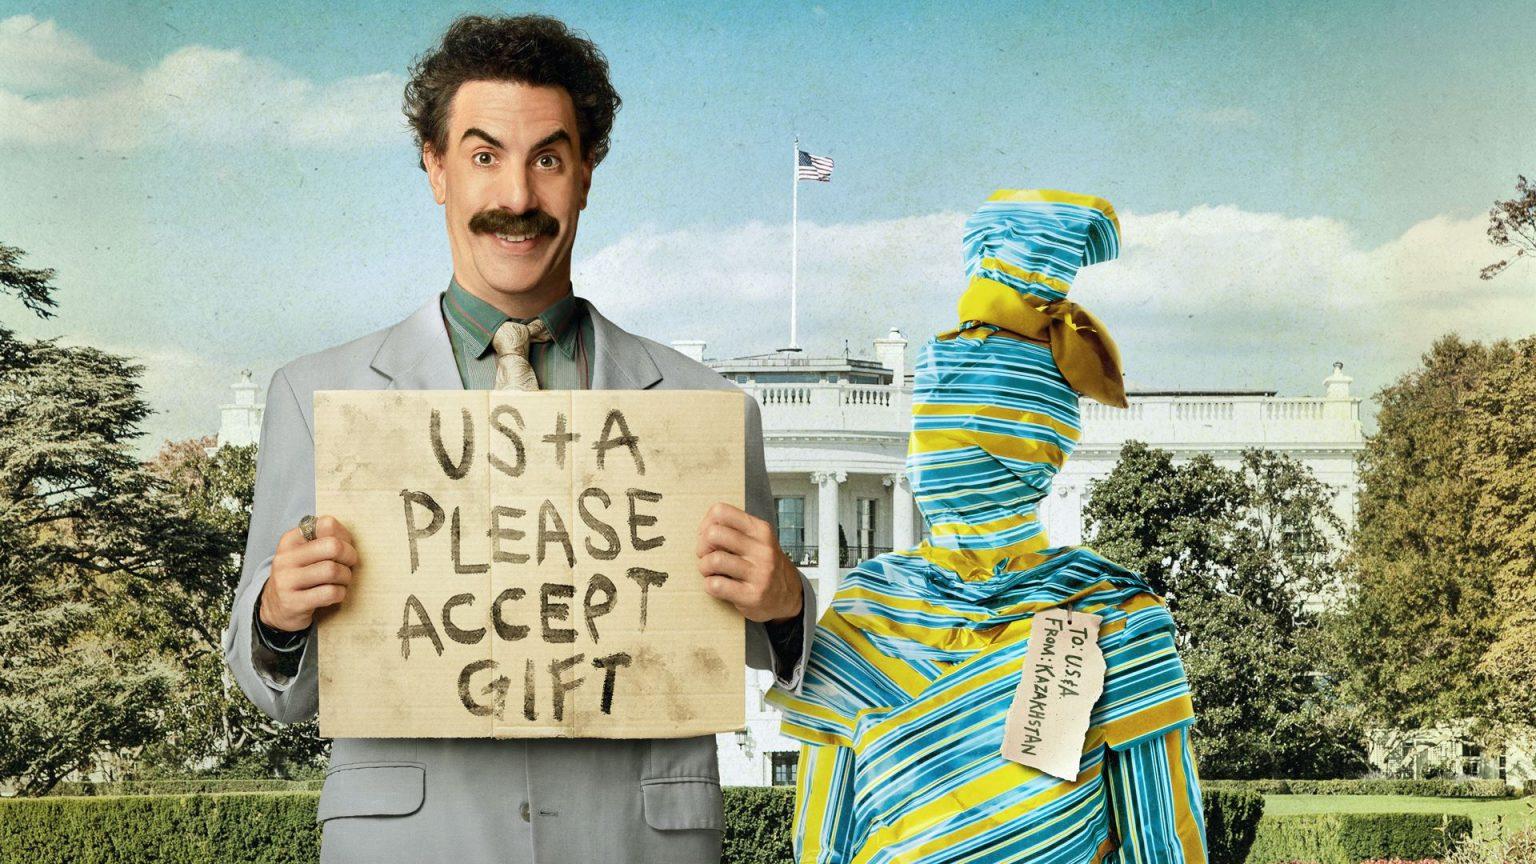 Boratból országimázs kampány lett